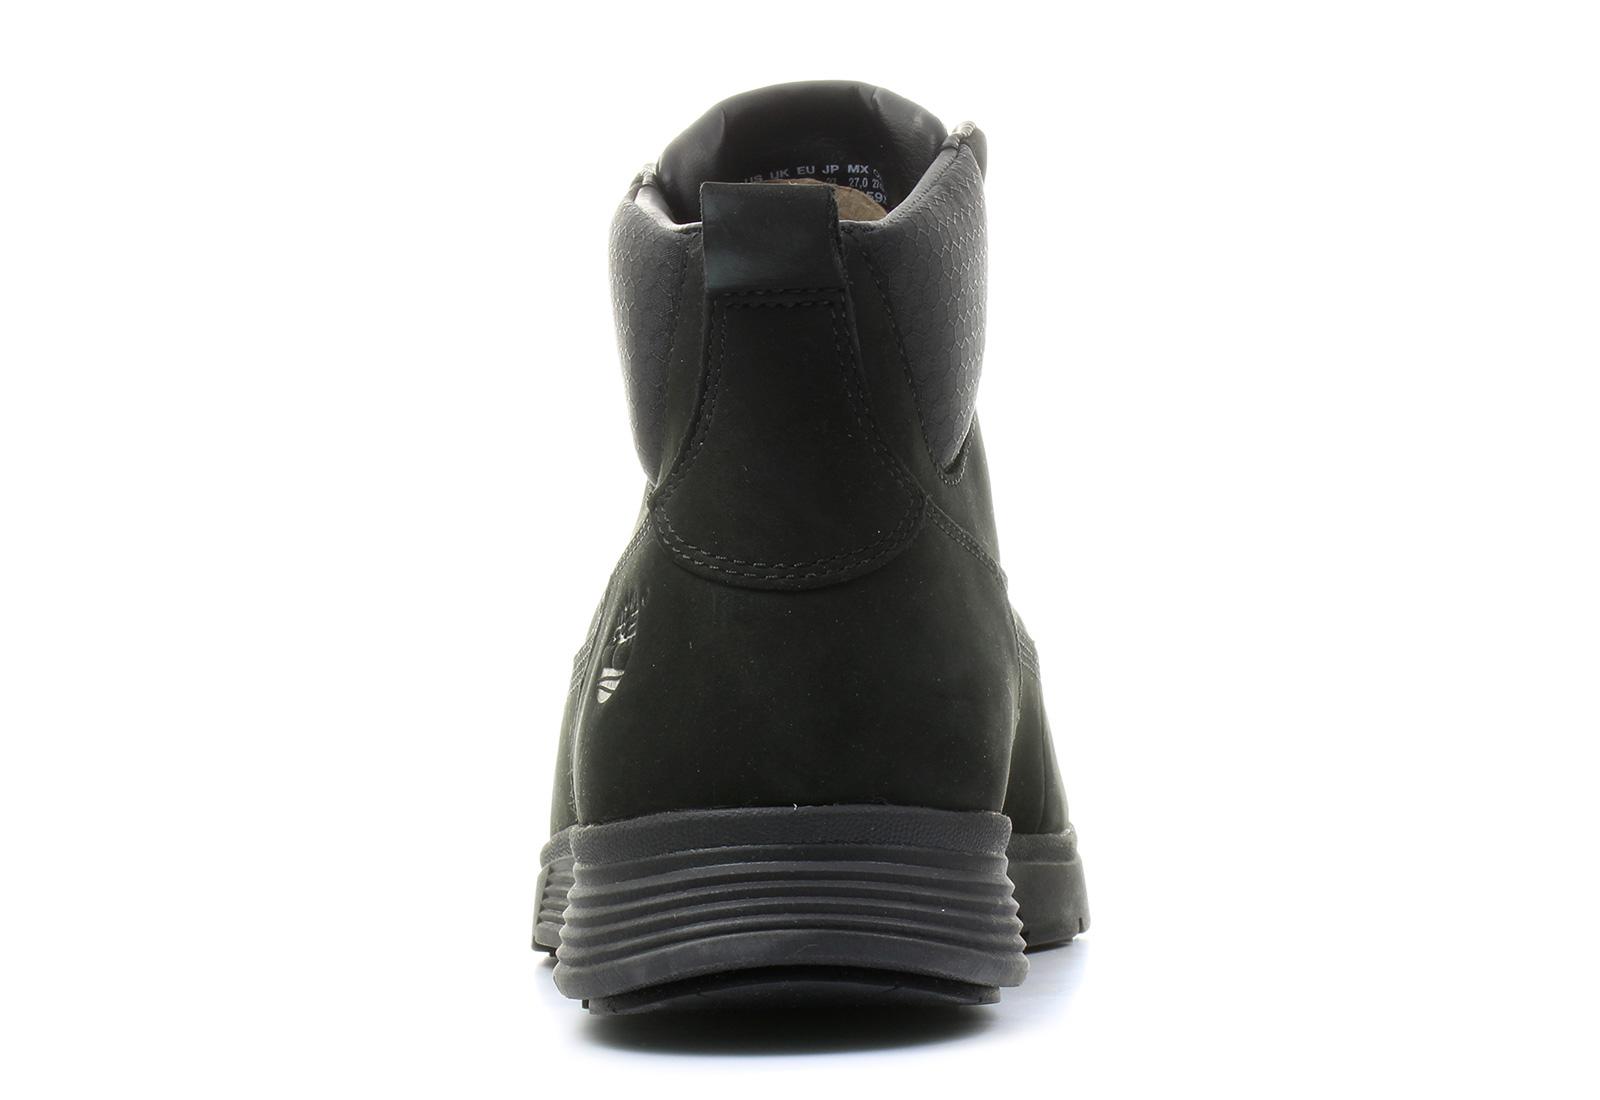 Timberland Buty za kostke Killington Chukka a19uk blk Obuwie i buty damskie, meskie, dzieciece w Office Shoes